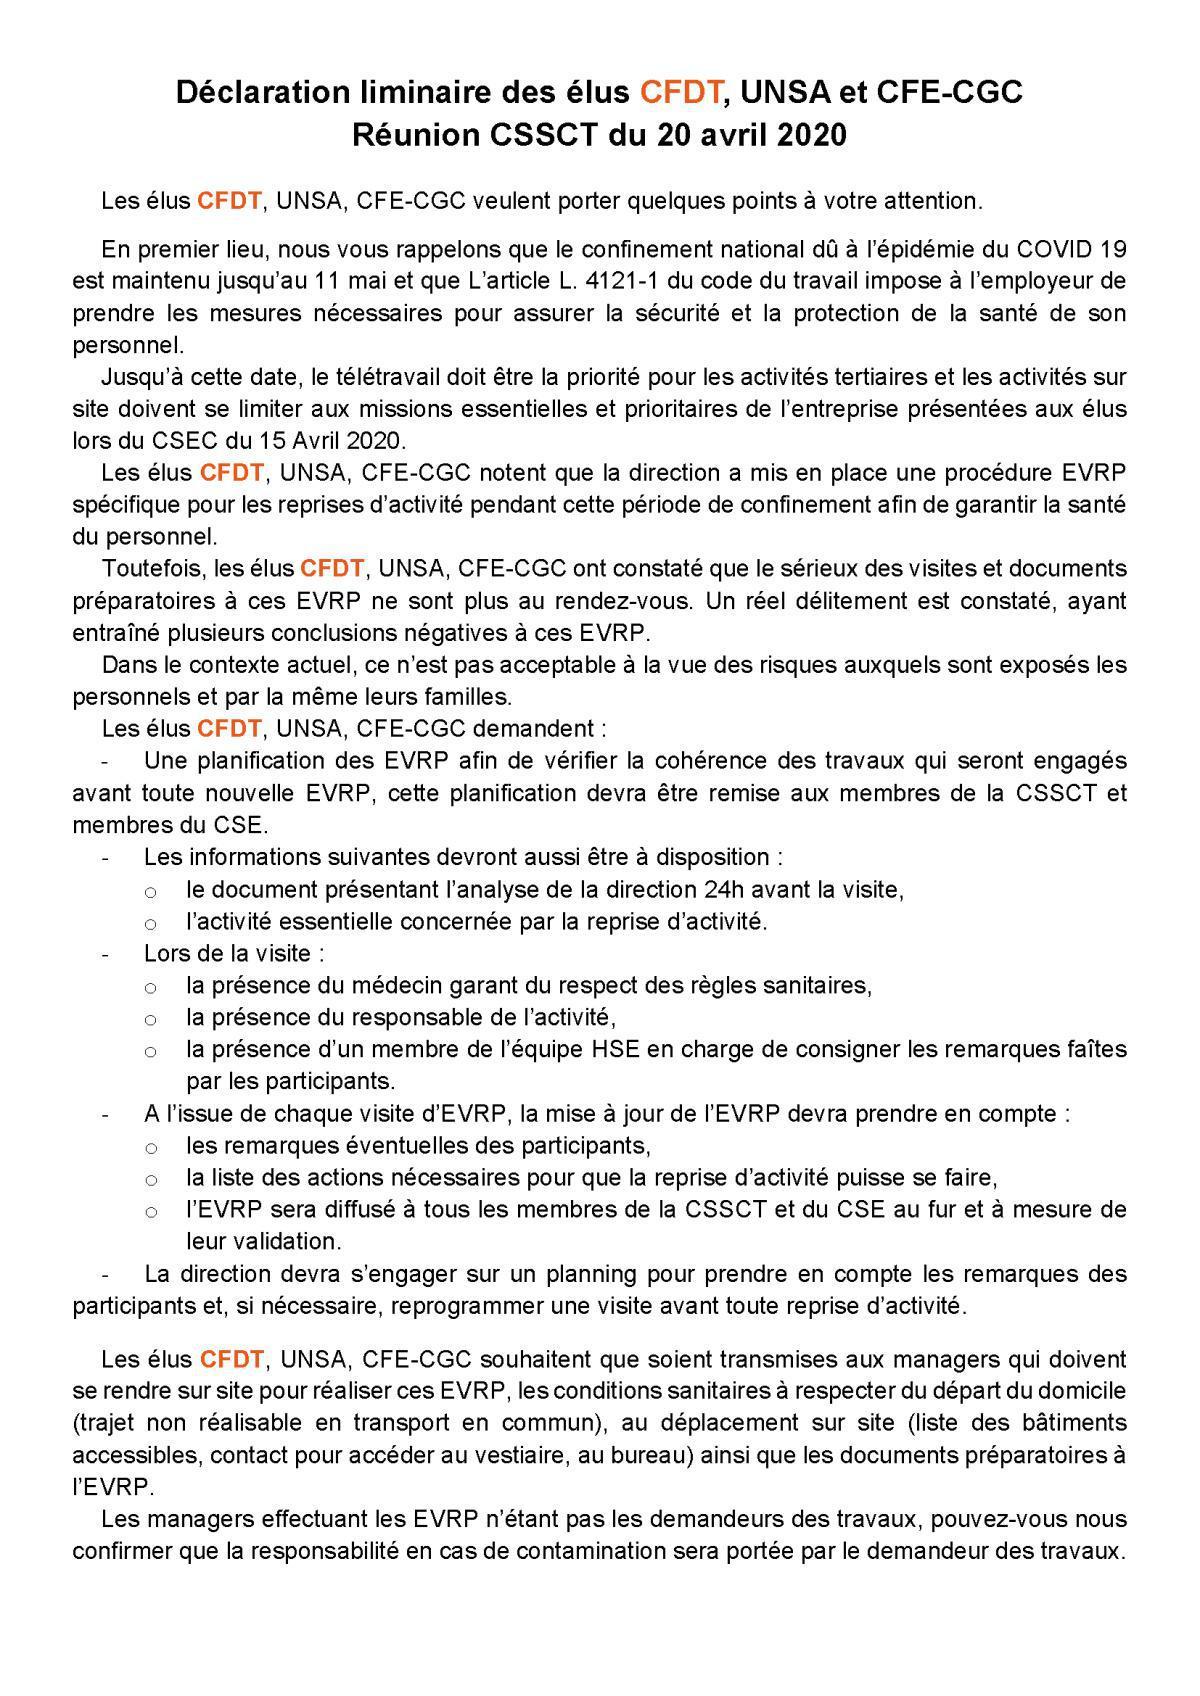 Déclaration liminaire à la CSSCT